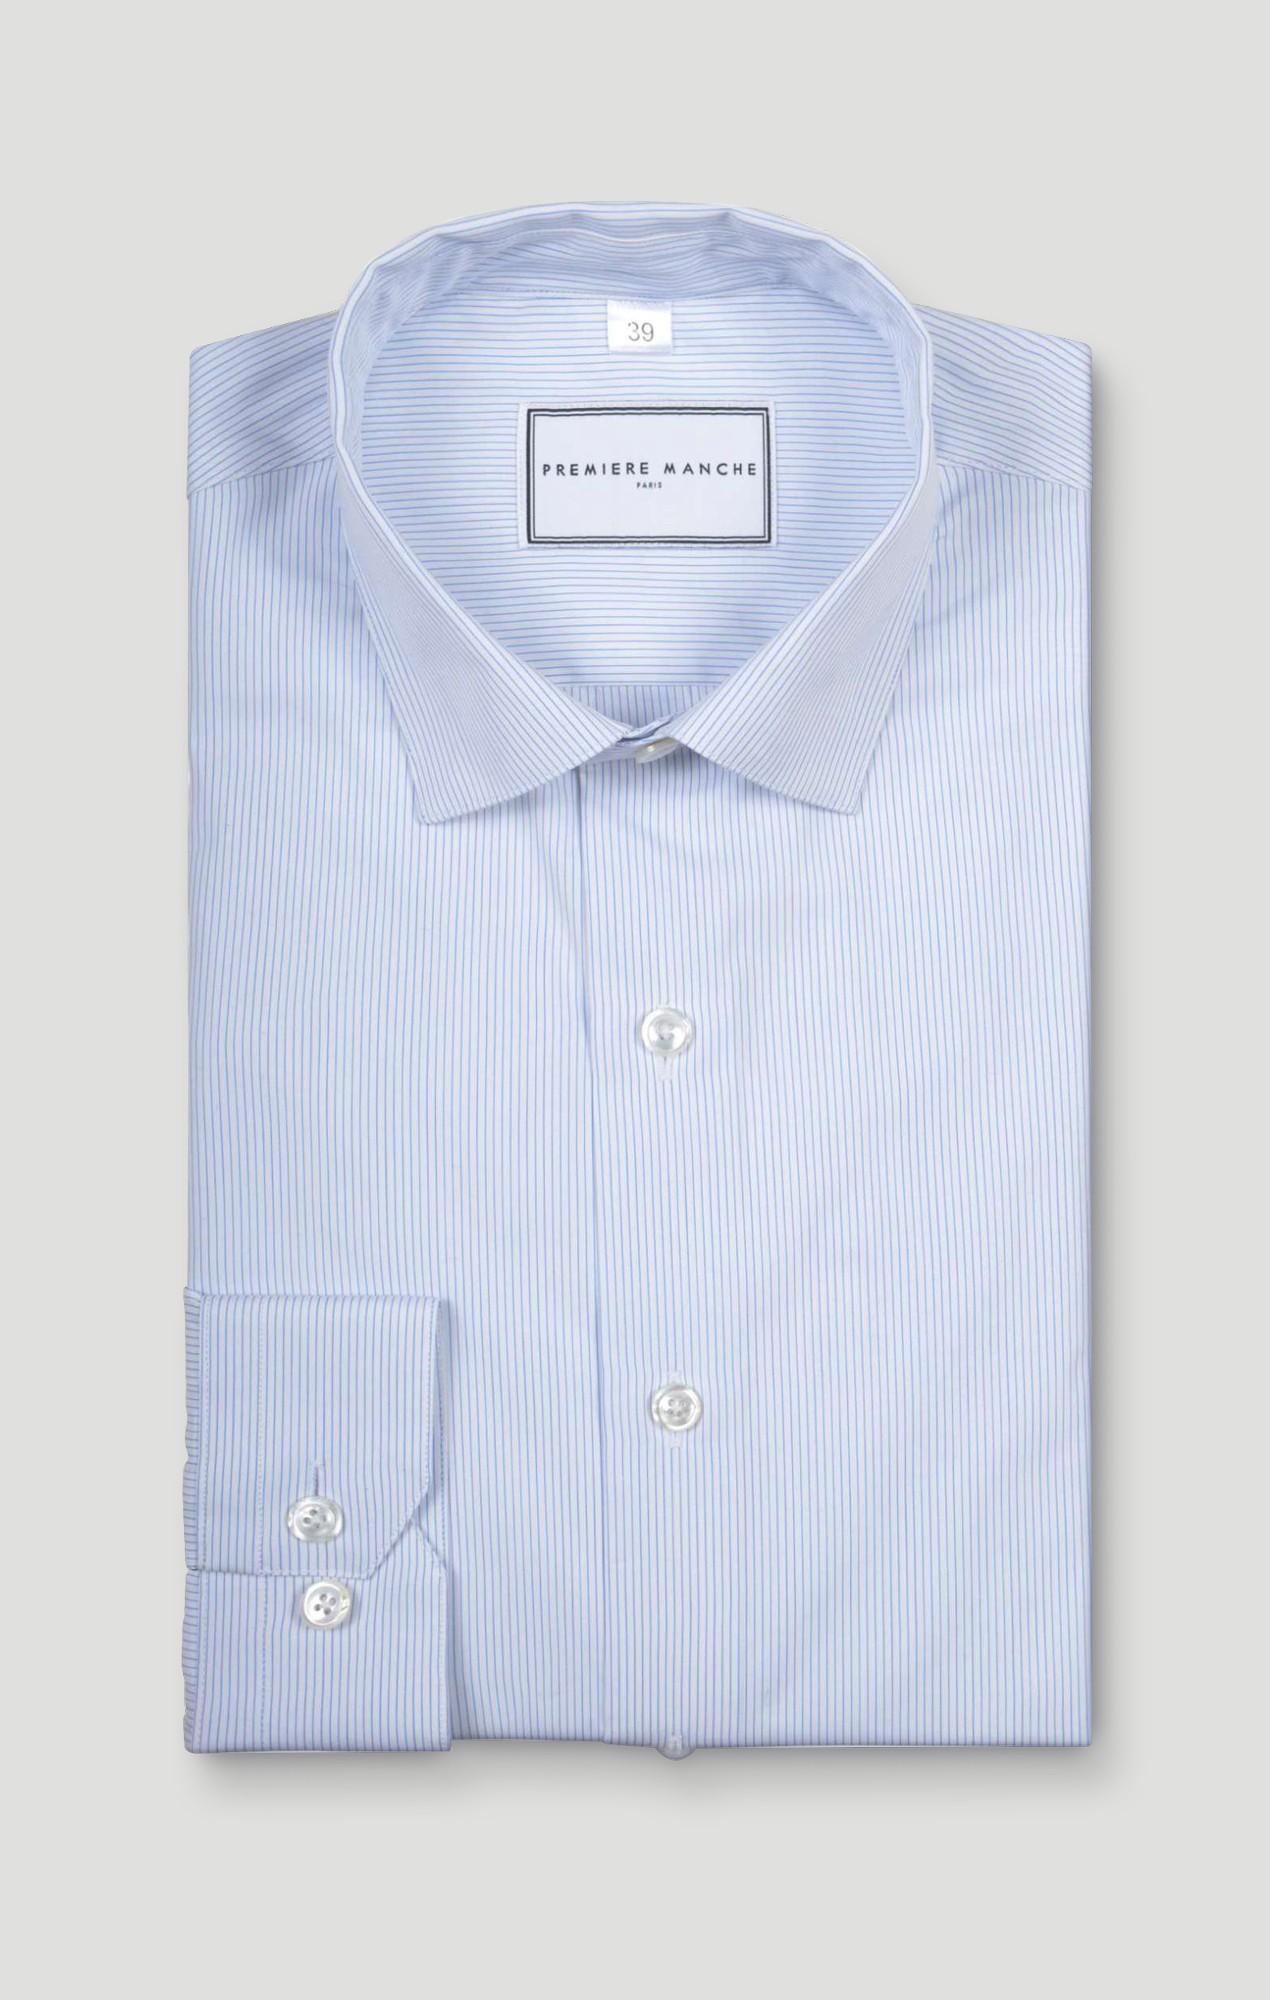 Chemise popeline raies fines Chemises Hommes